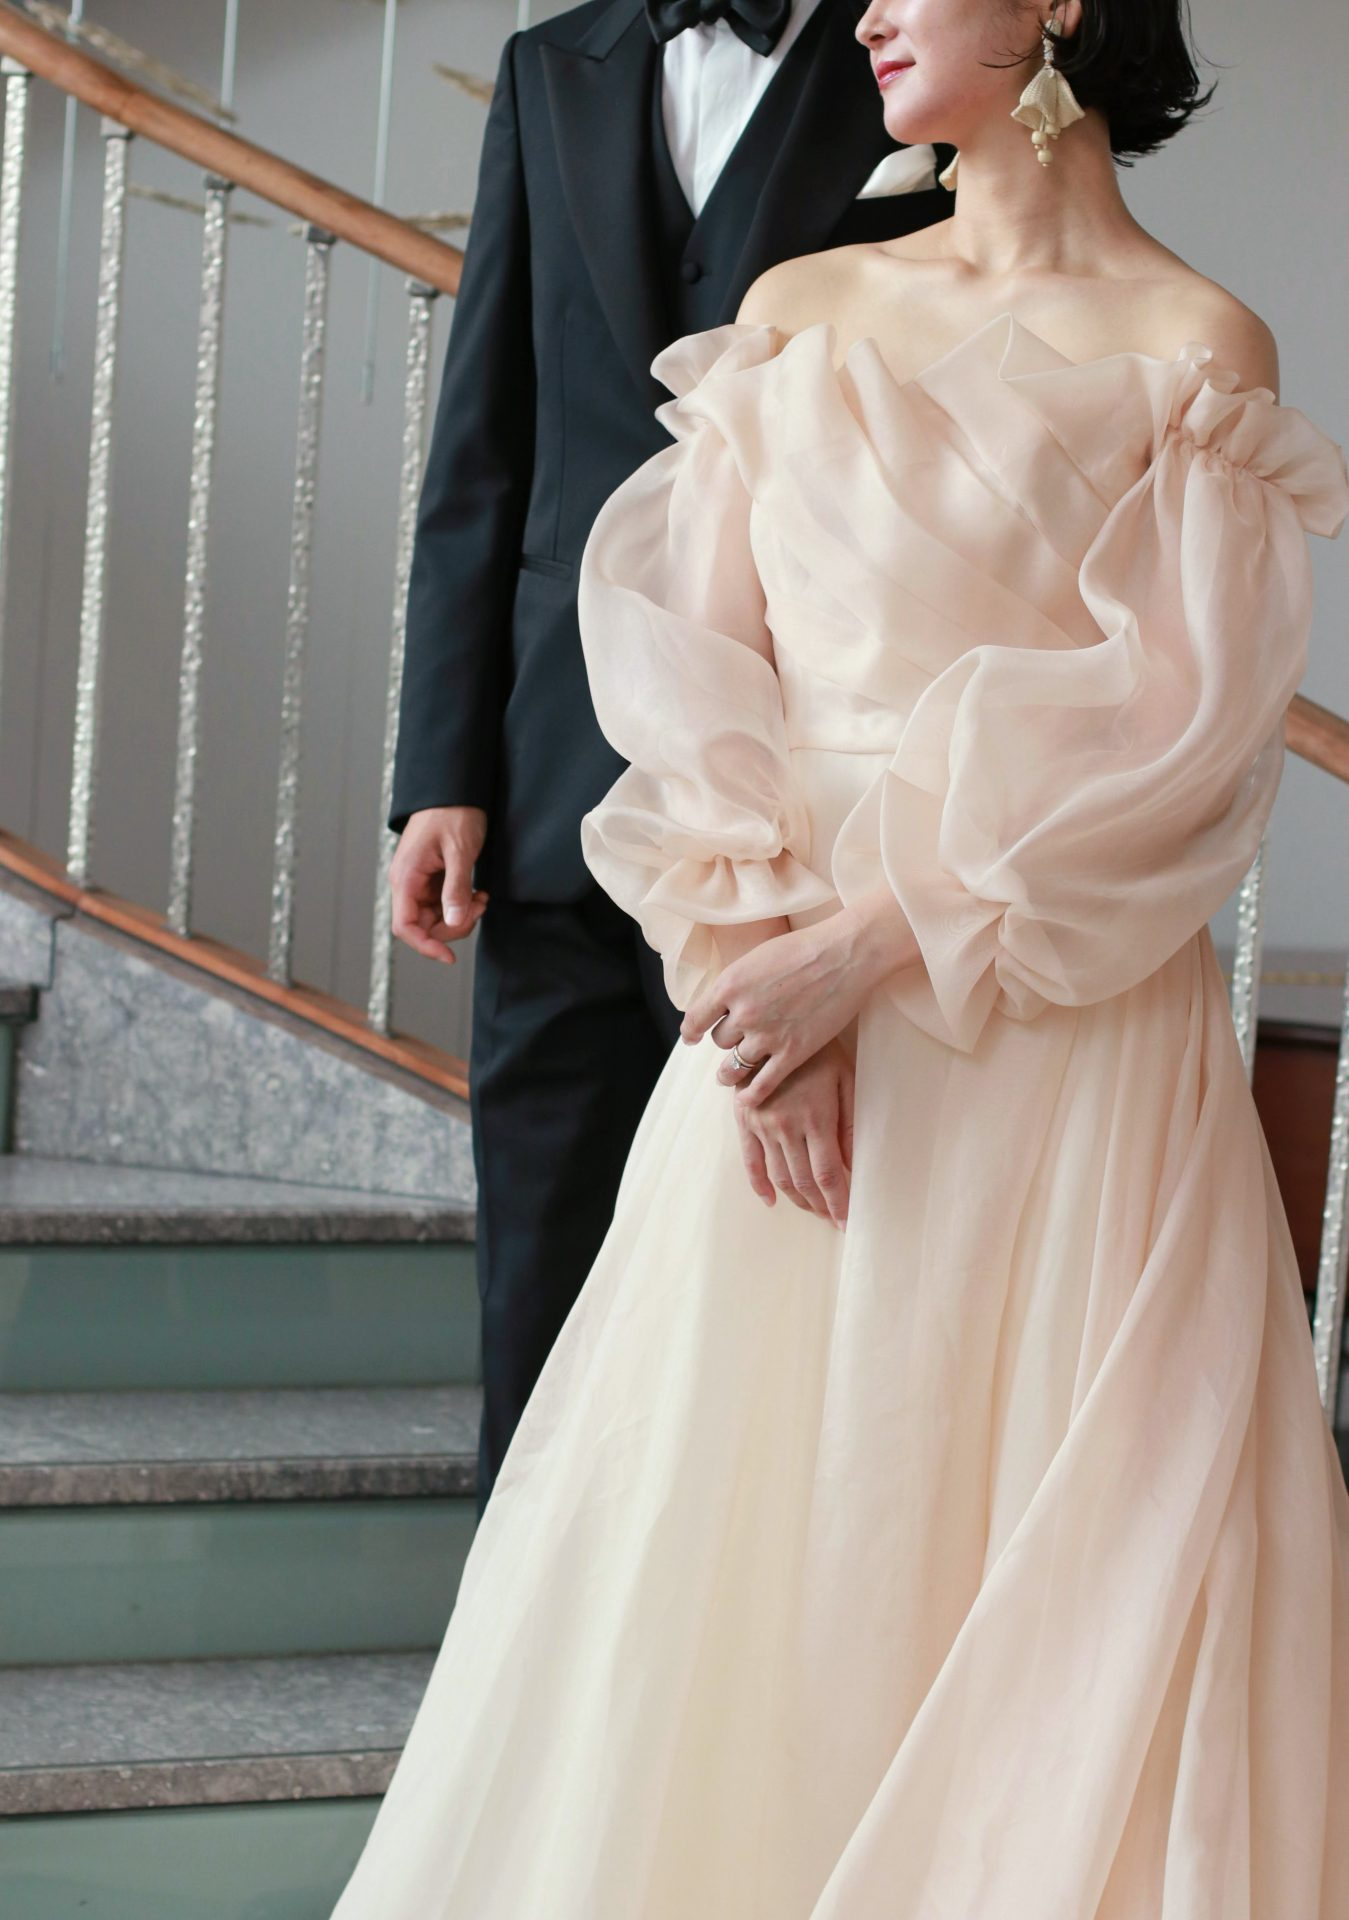 冬や春の結婚式をご予定されている花嫁様にお勧めのウェディングドレスは、透明感のあるパフスリーブが軽やかな、Monique Lhuillierの新作ドレスです